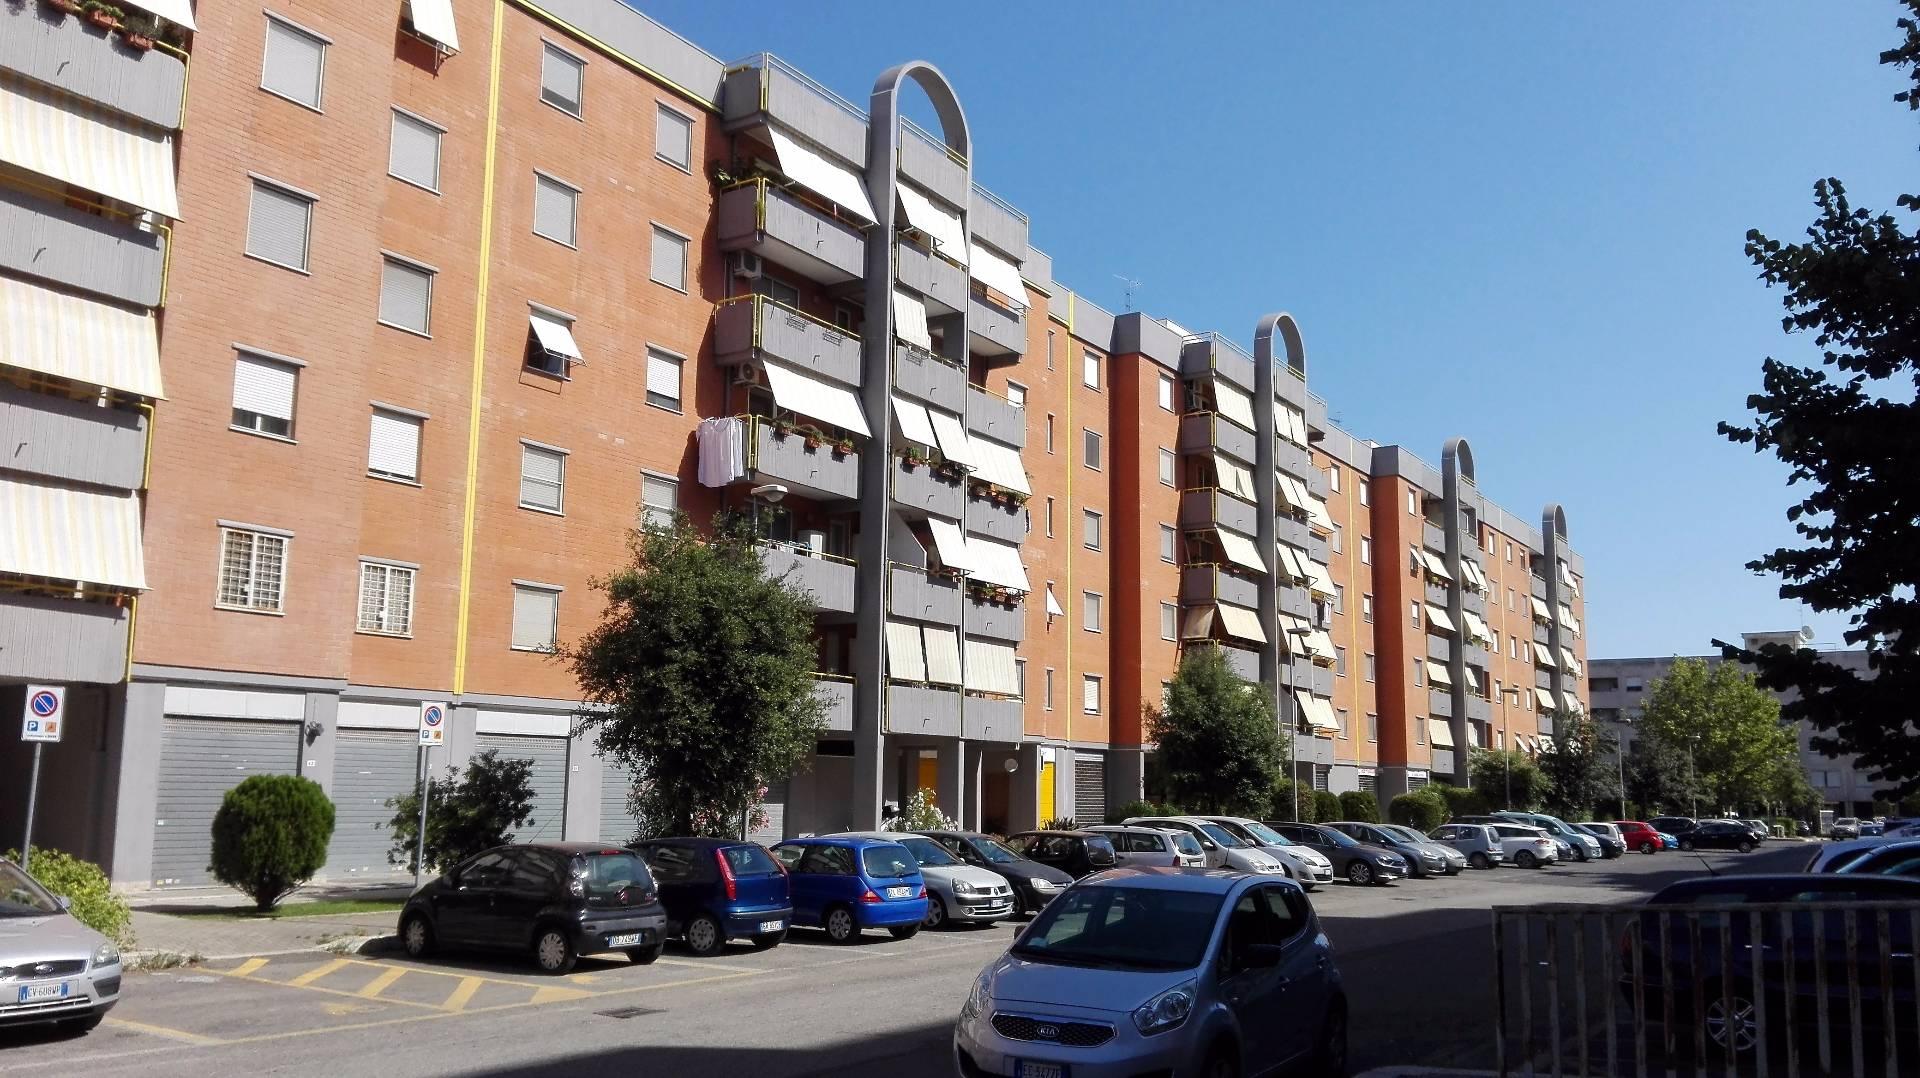 Cbi047 201 51904 appartamento in vendita a aprilia for Appartamento affitto aprilia arredato